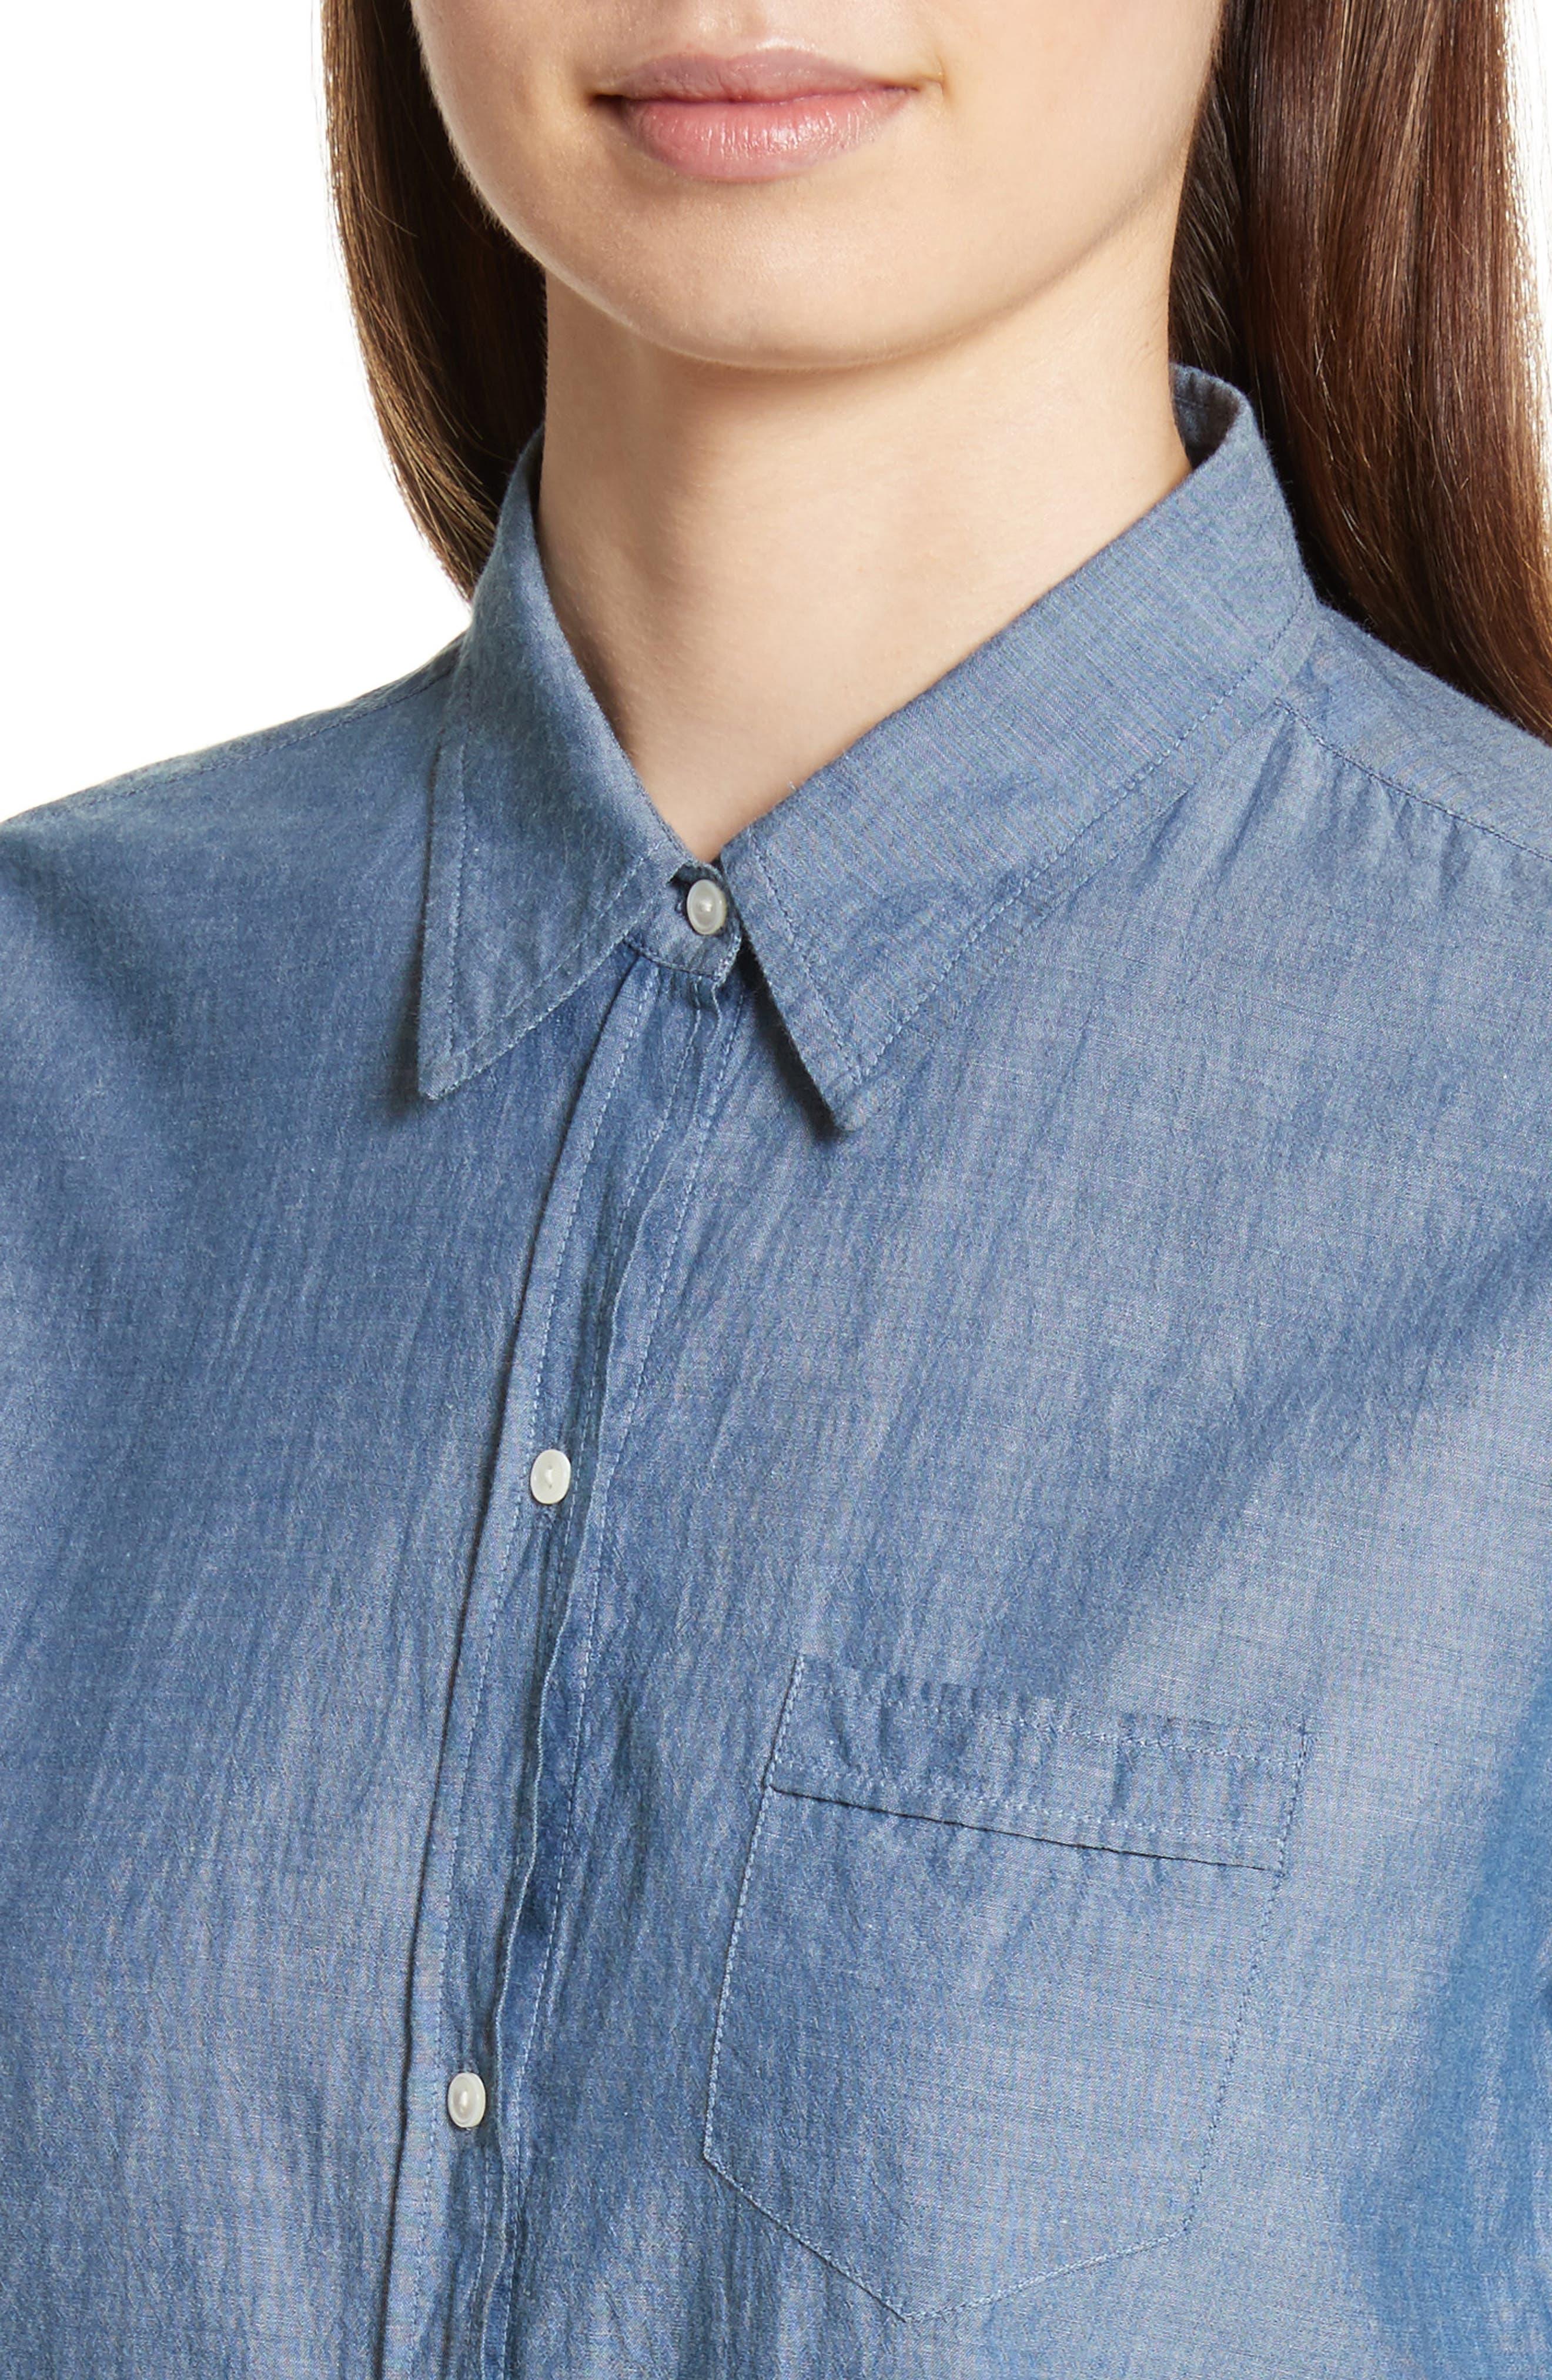 Chambray Shirt,                             Alternate thumbnail 4, color,                             Indigo Chambray